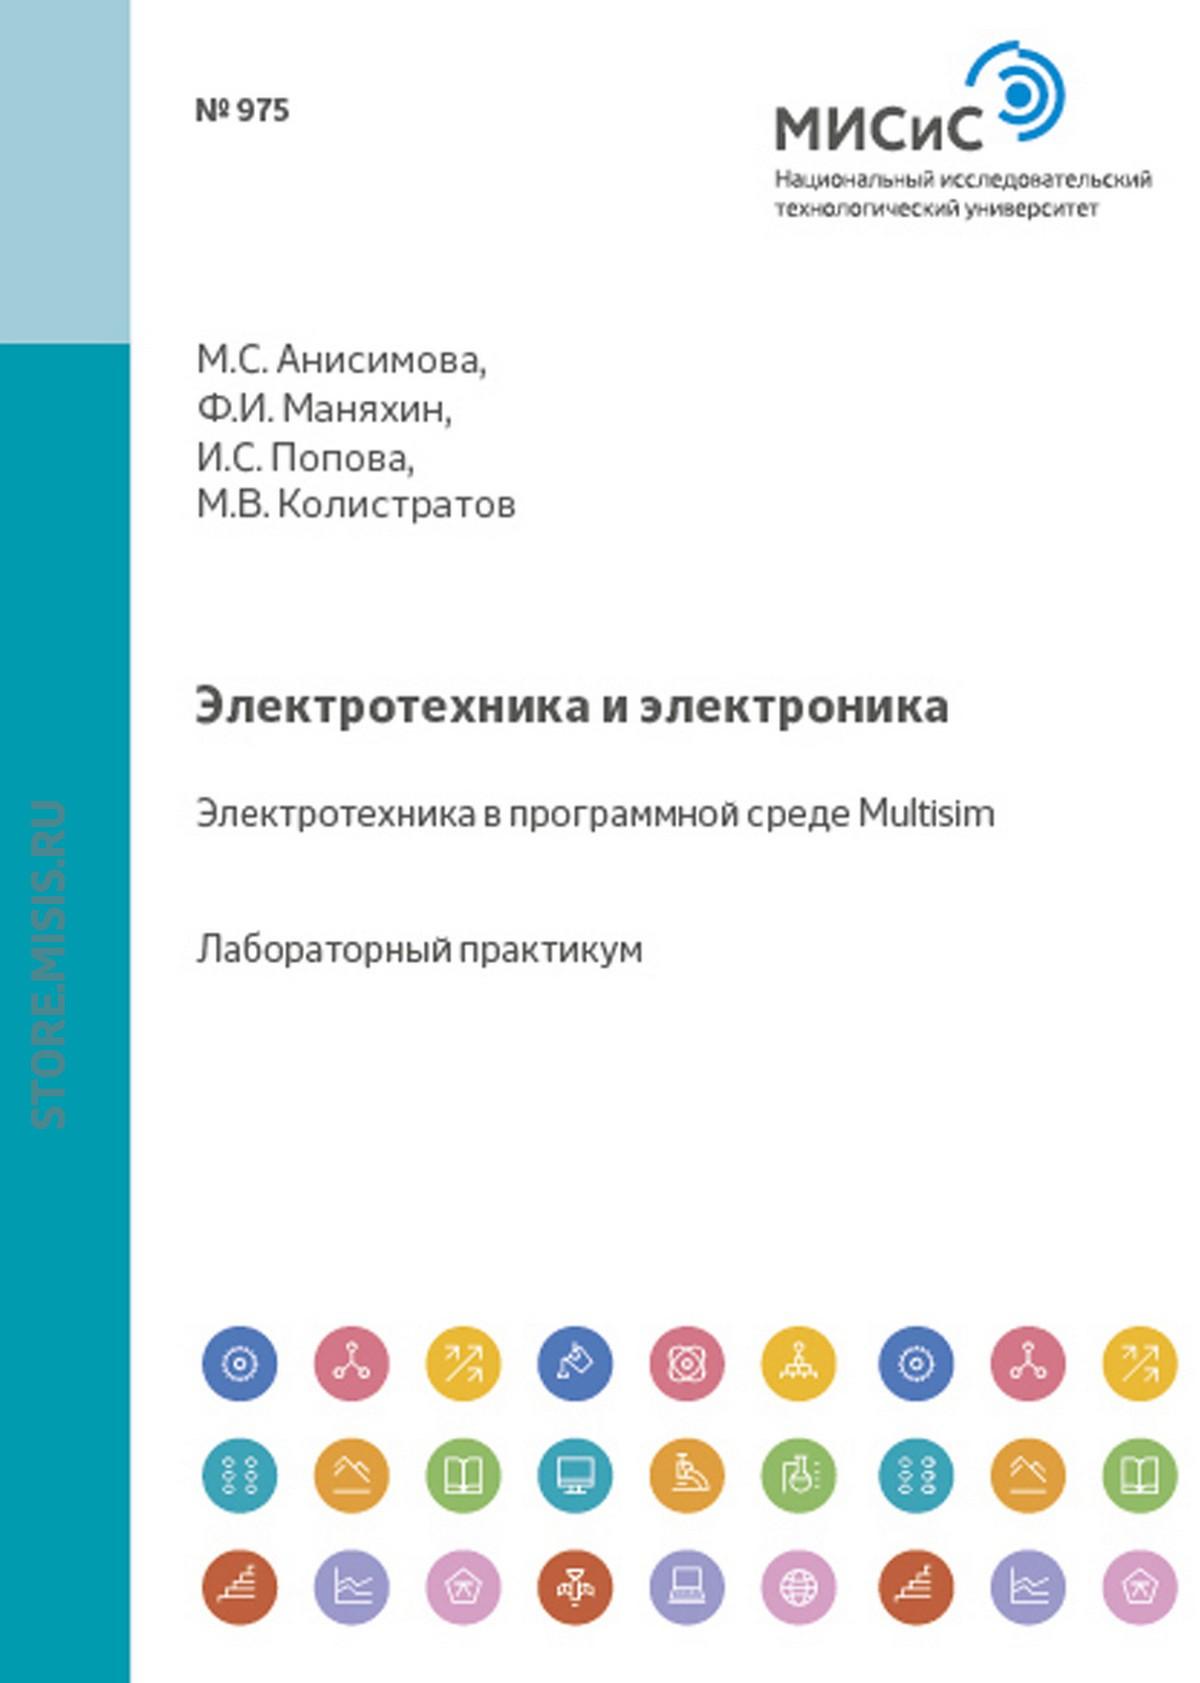 Электротехника и электроника. Электротехника в программной среде Multisim